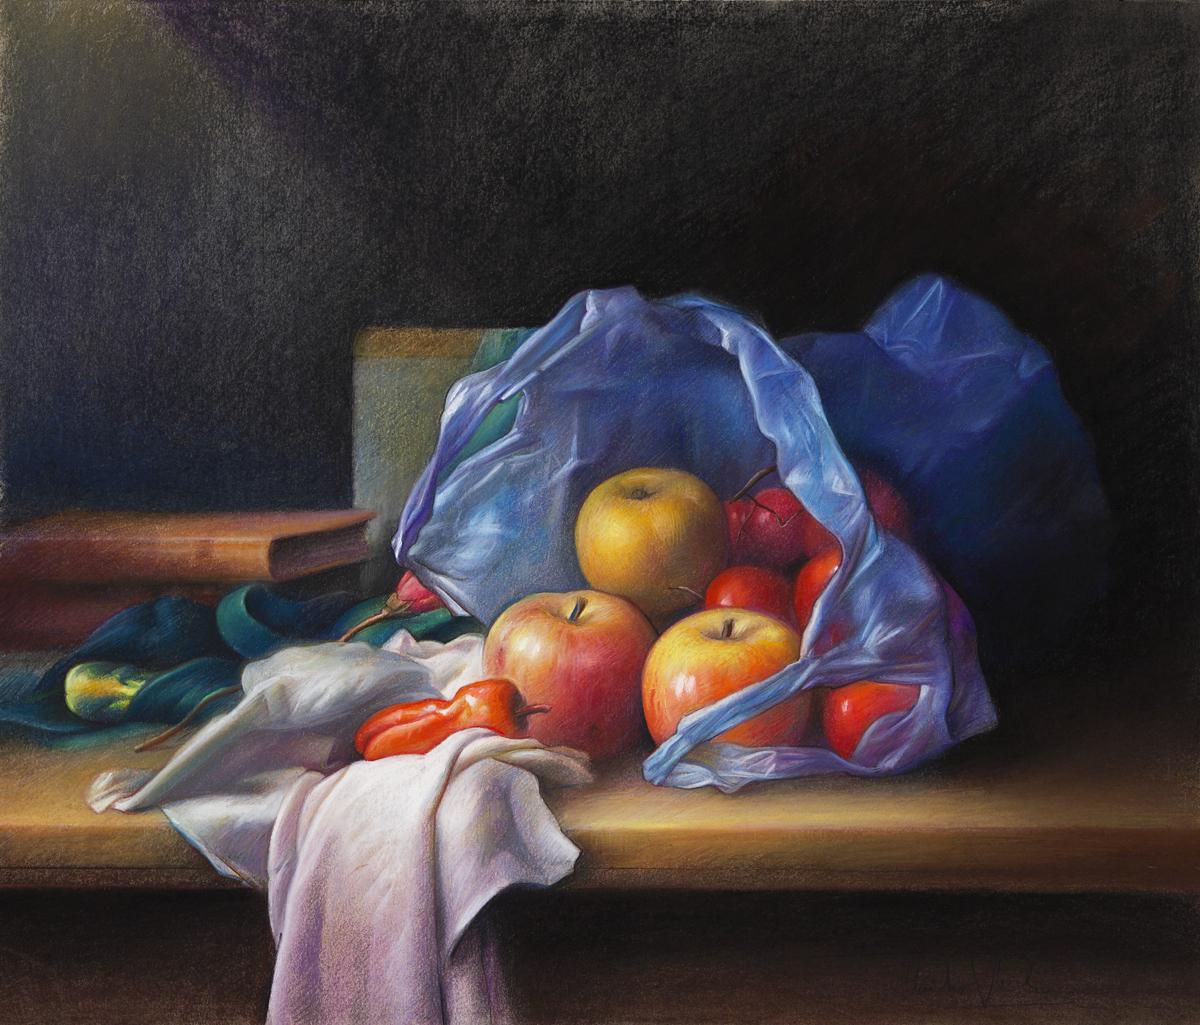 Claudio-Sacchi-05-etra-studio-tommasi